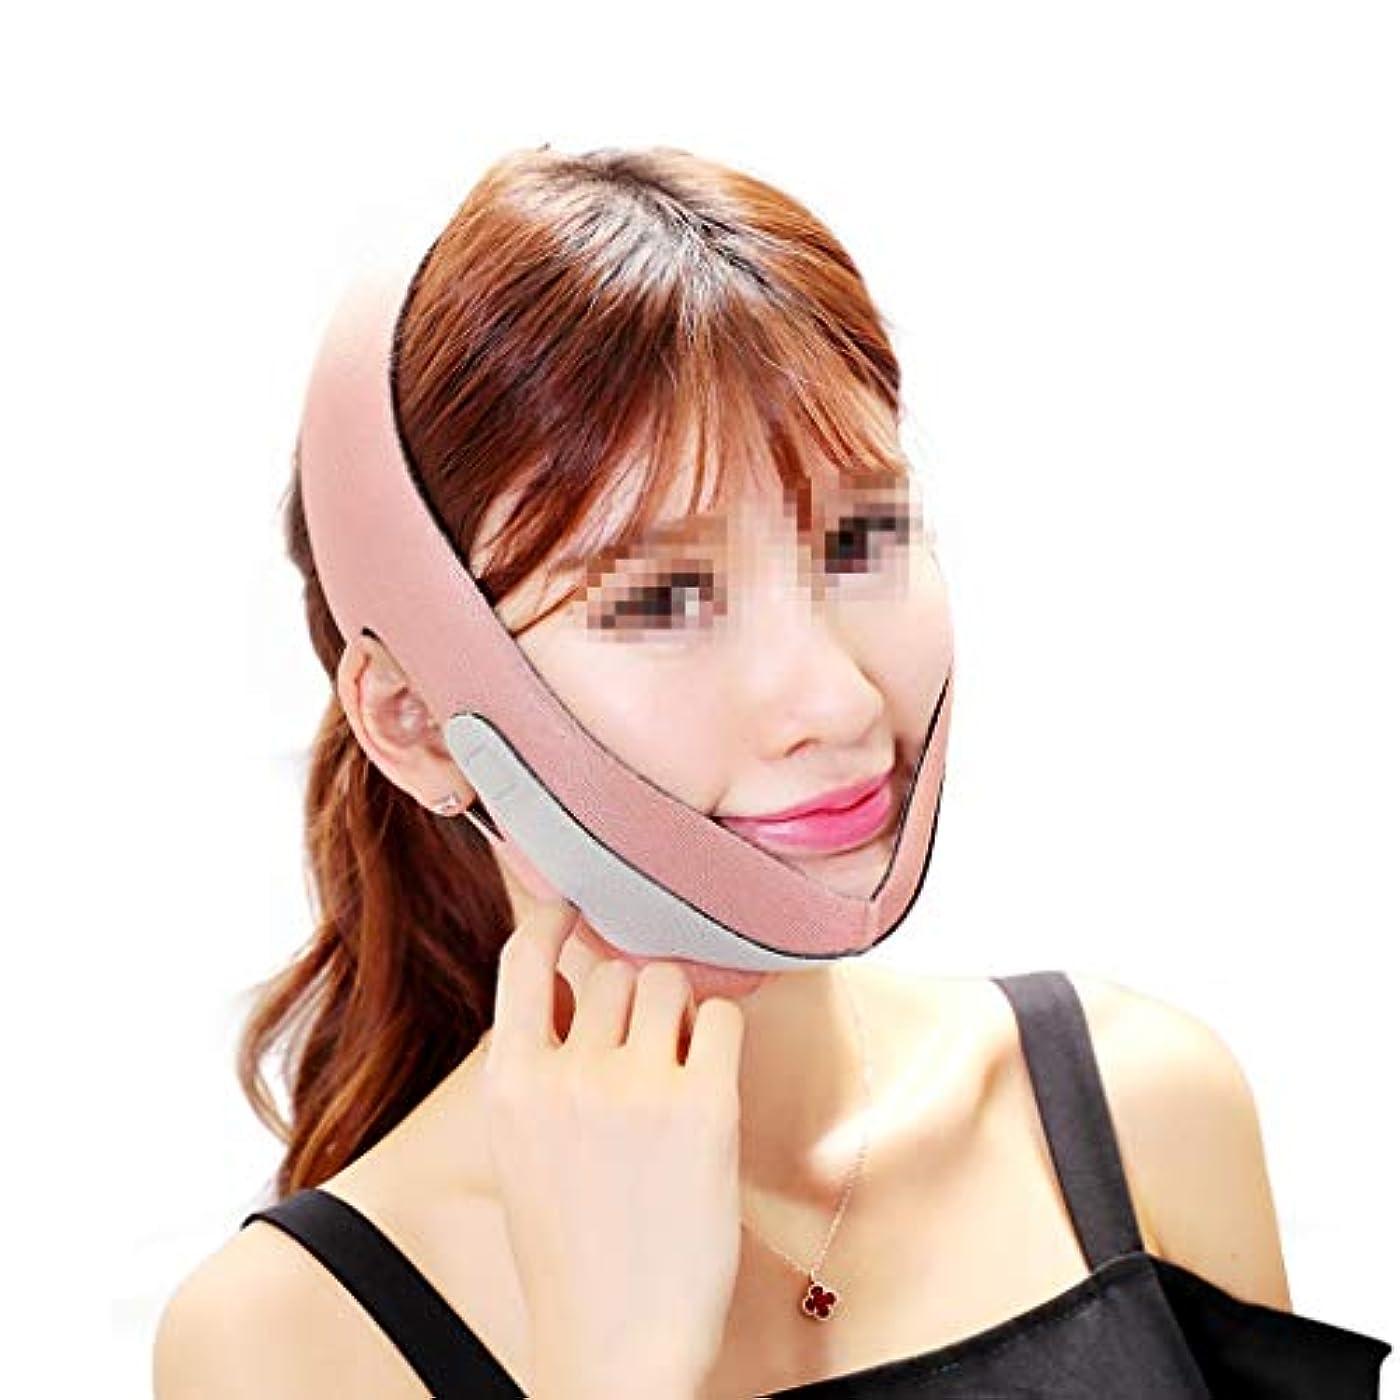 フェイスリフトマスク、小さなVフェイス睡眠包帯マスクシンダブルチンリフト引き締め肌